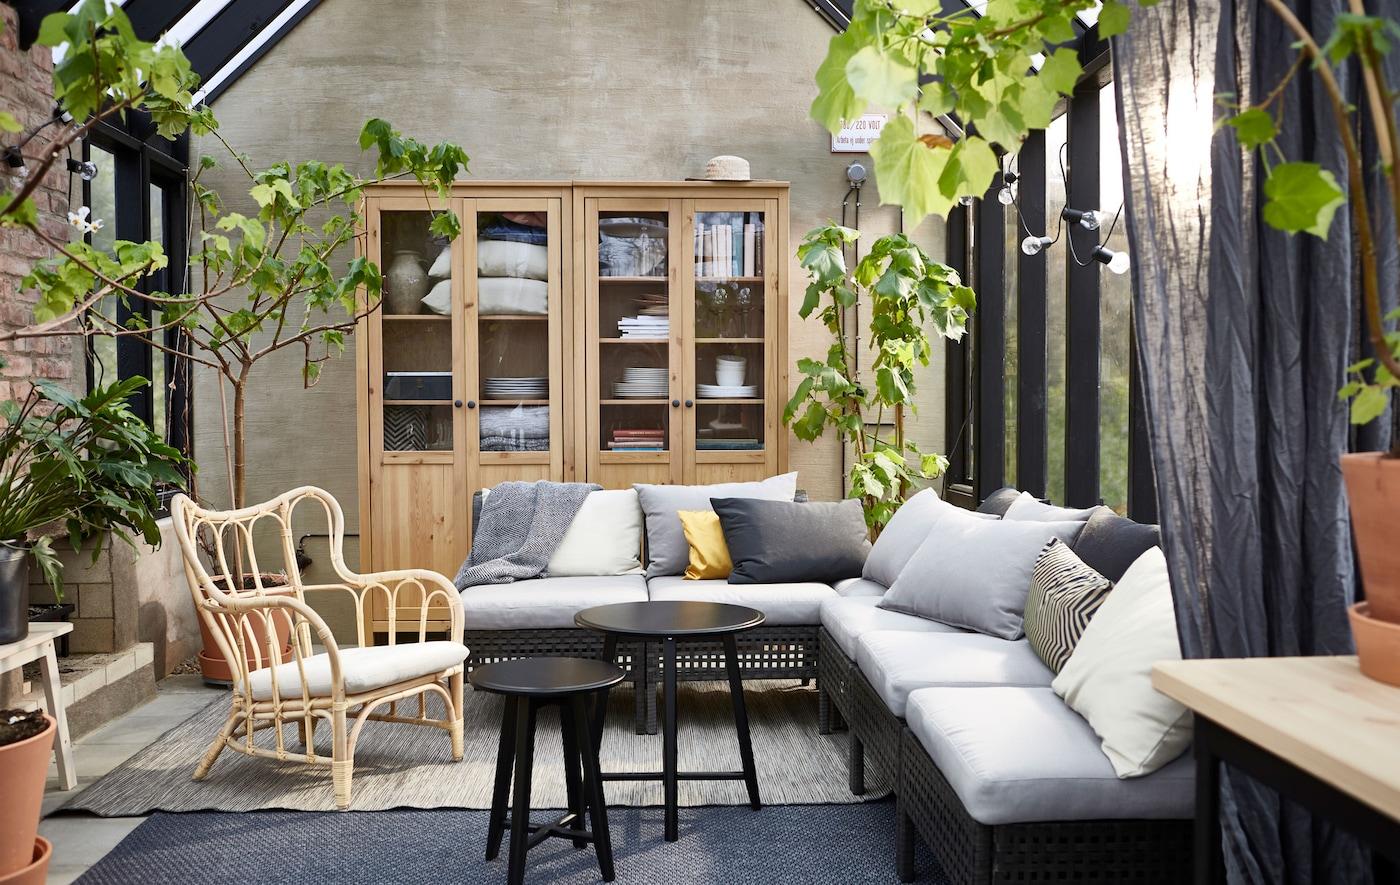 Crea un espacio exterior personalizado y polivalente IKEA